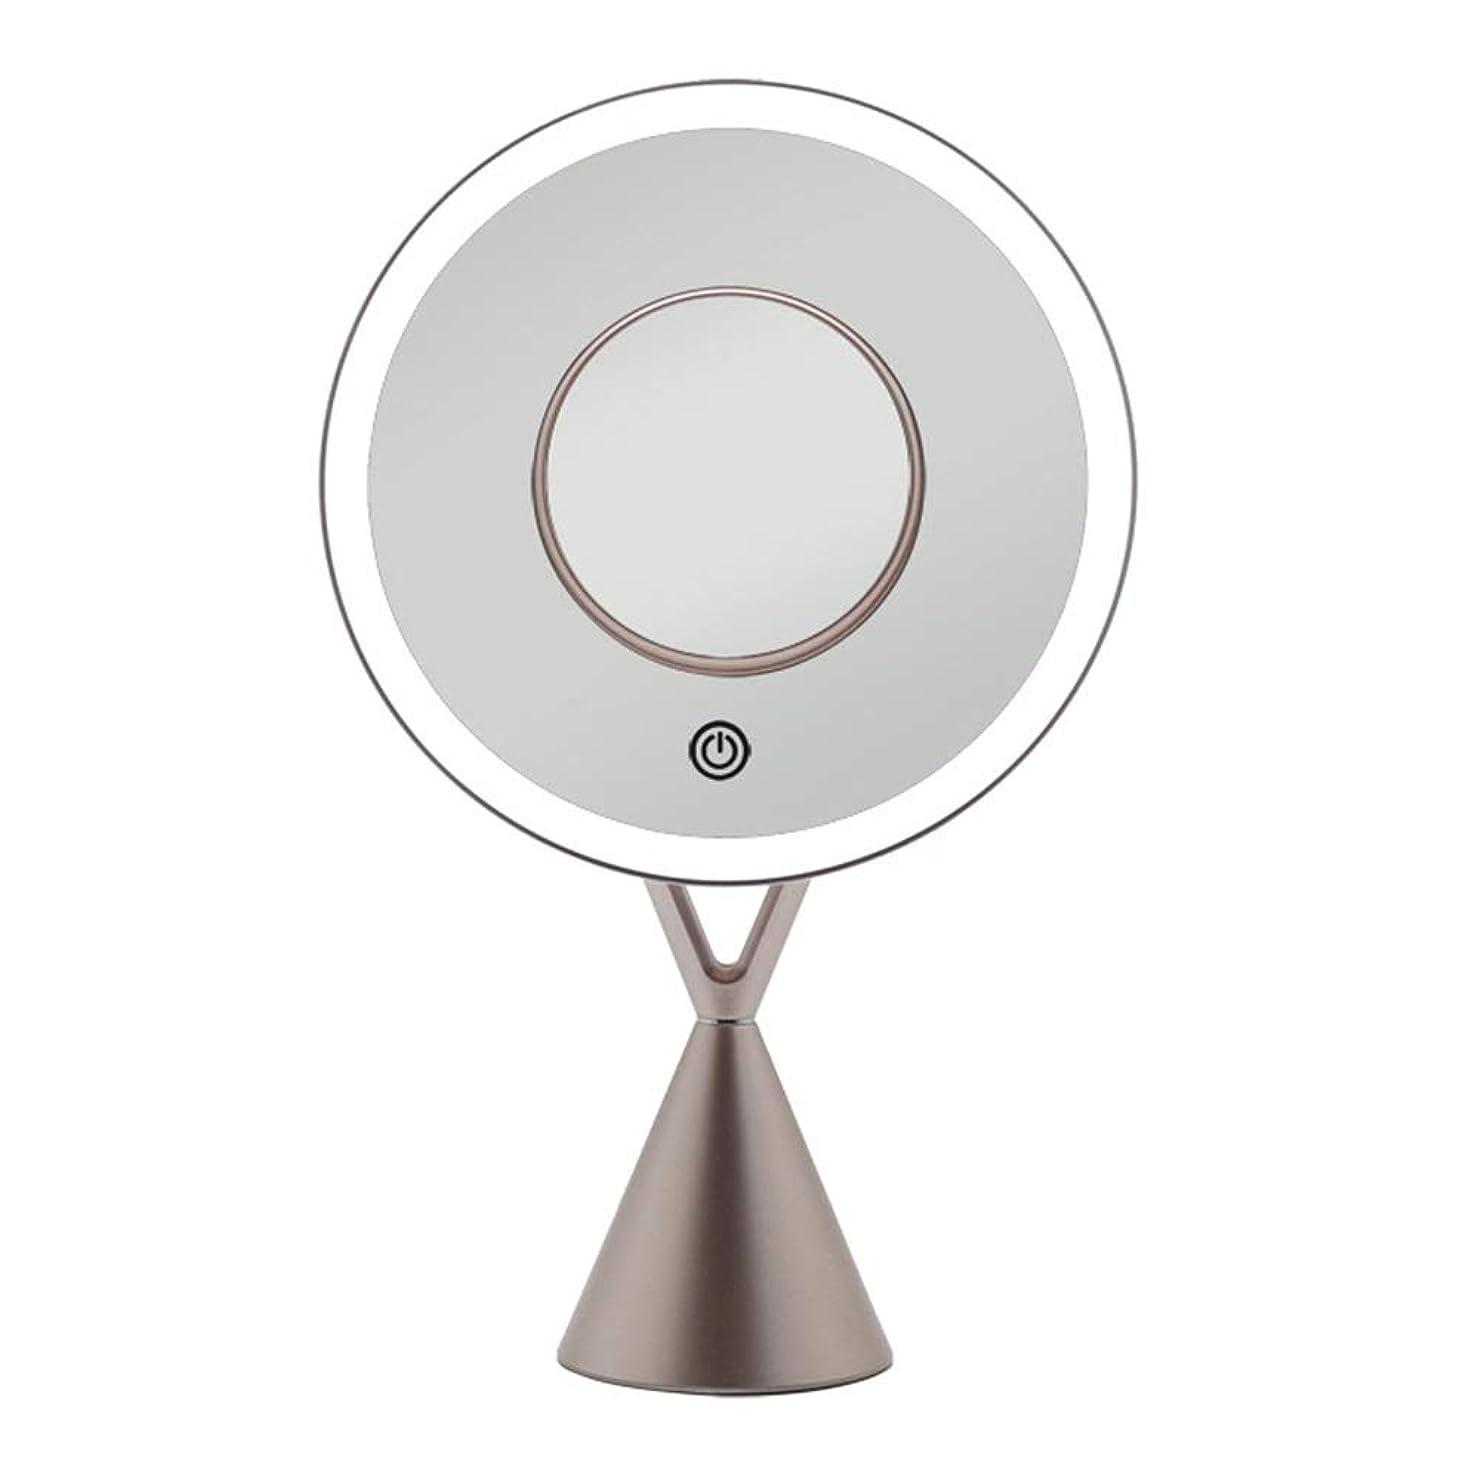 ウェイド目を覚ますブロンズAmaiai 化粧鏡 ミラー ライトデスクトップミラーを埋めるLED 5回磁気吸引拡大鏡45度無料調整ローズゴールドギフト